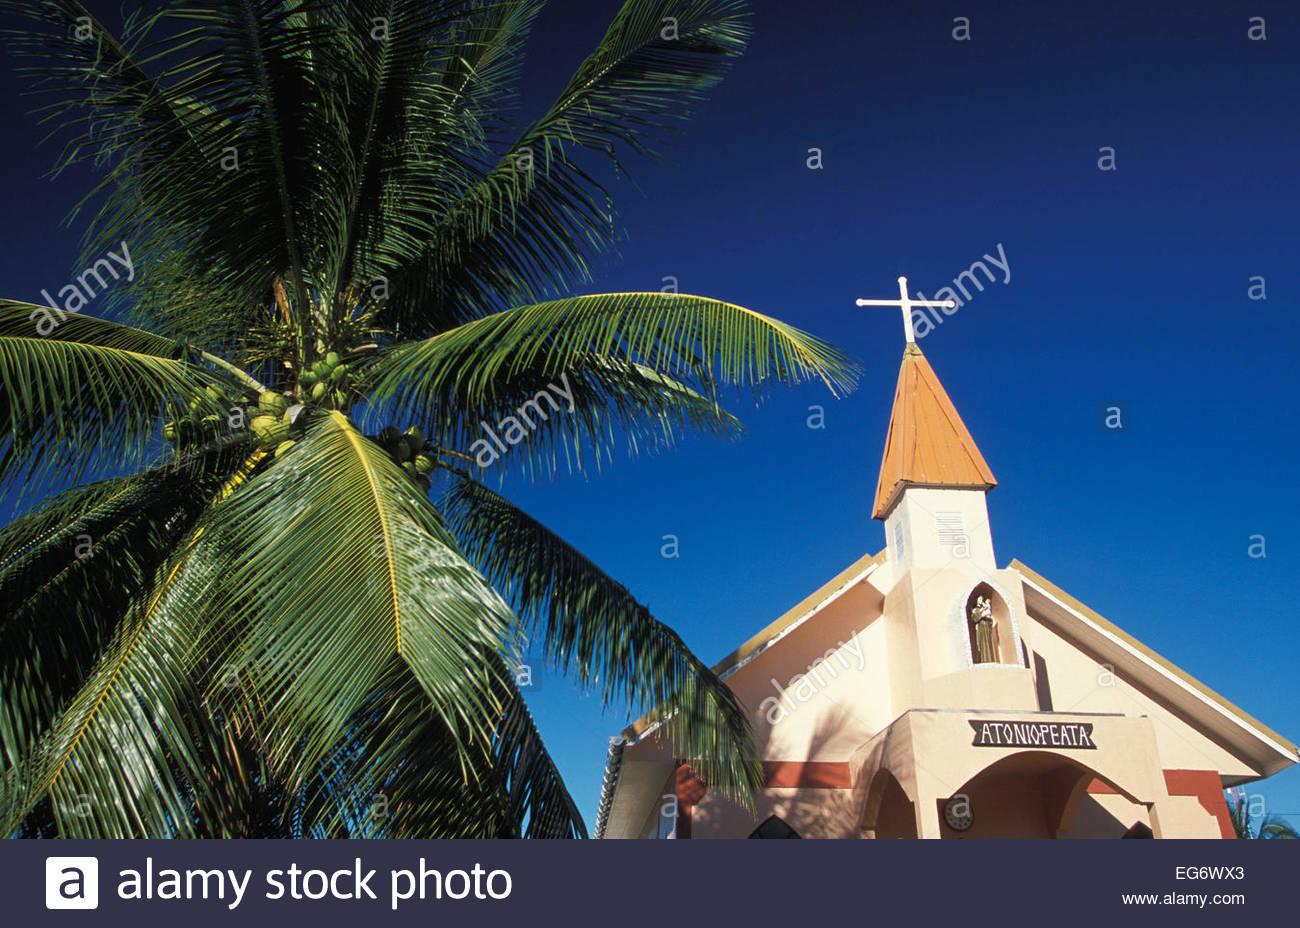 Tuamotu, Takapoto atoll, French Polynesia - Stock Image